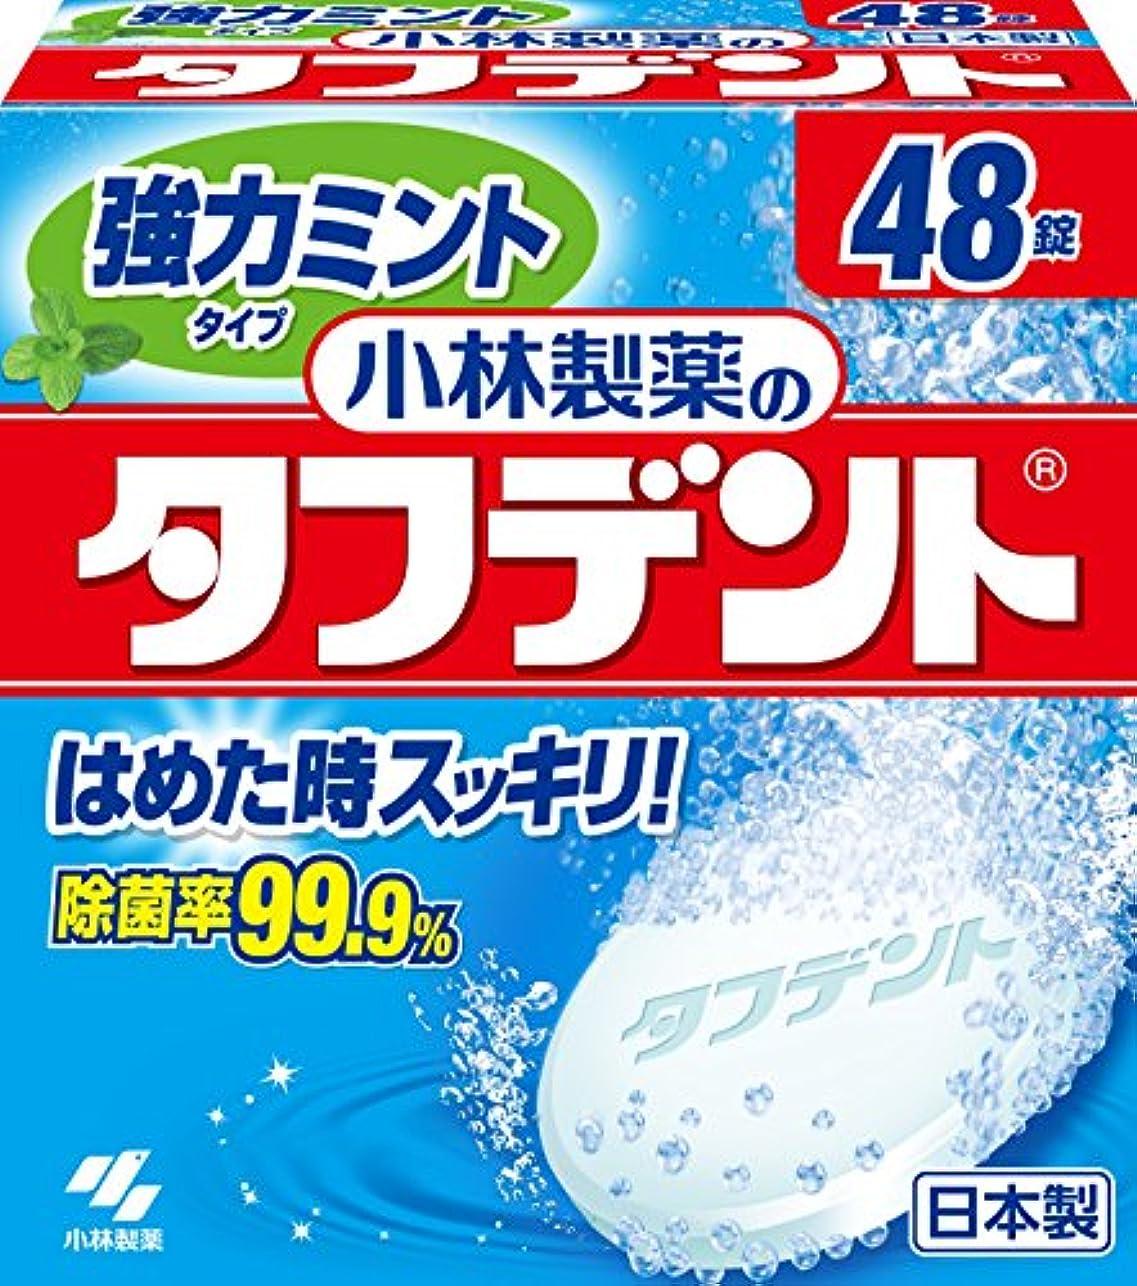 上がる悲観主義者タオル小林製薬のタフデント強力ミントタイプ 入れ歯用洗浄剤 ミントの香り 48錠